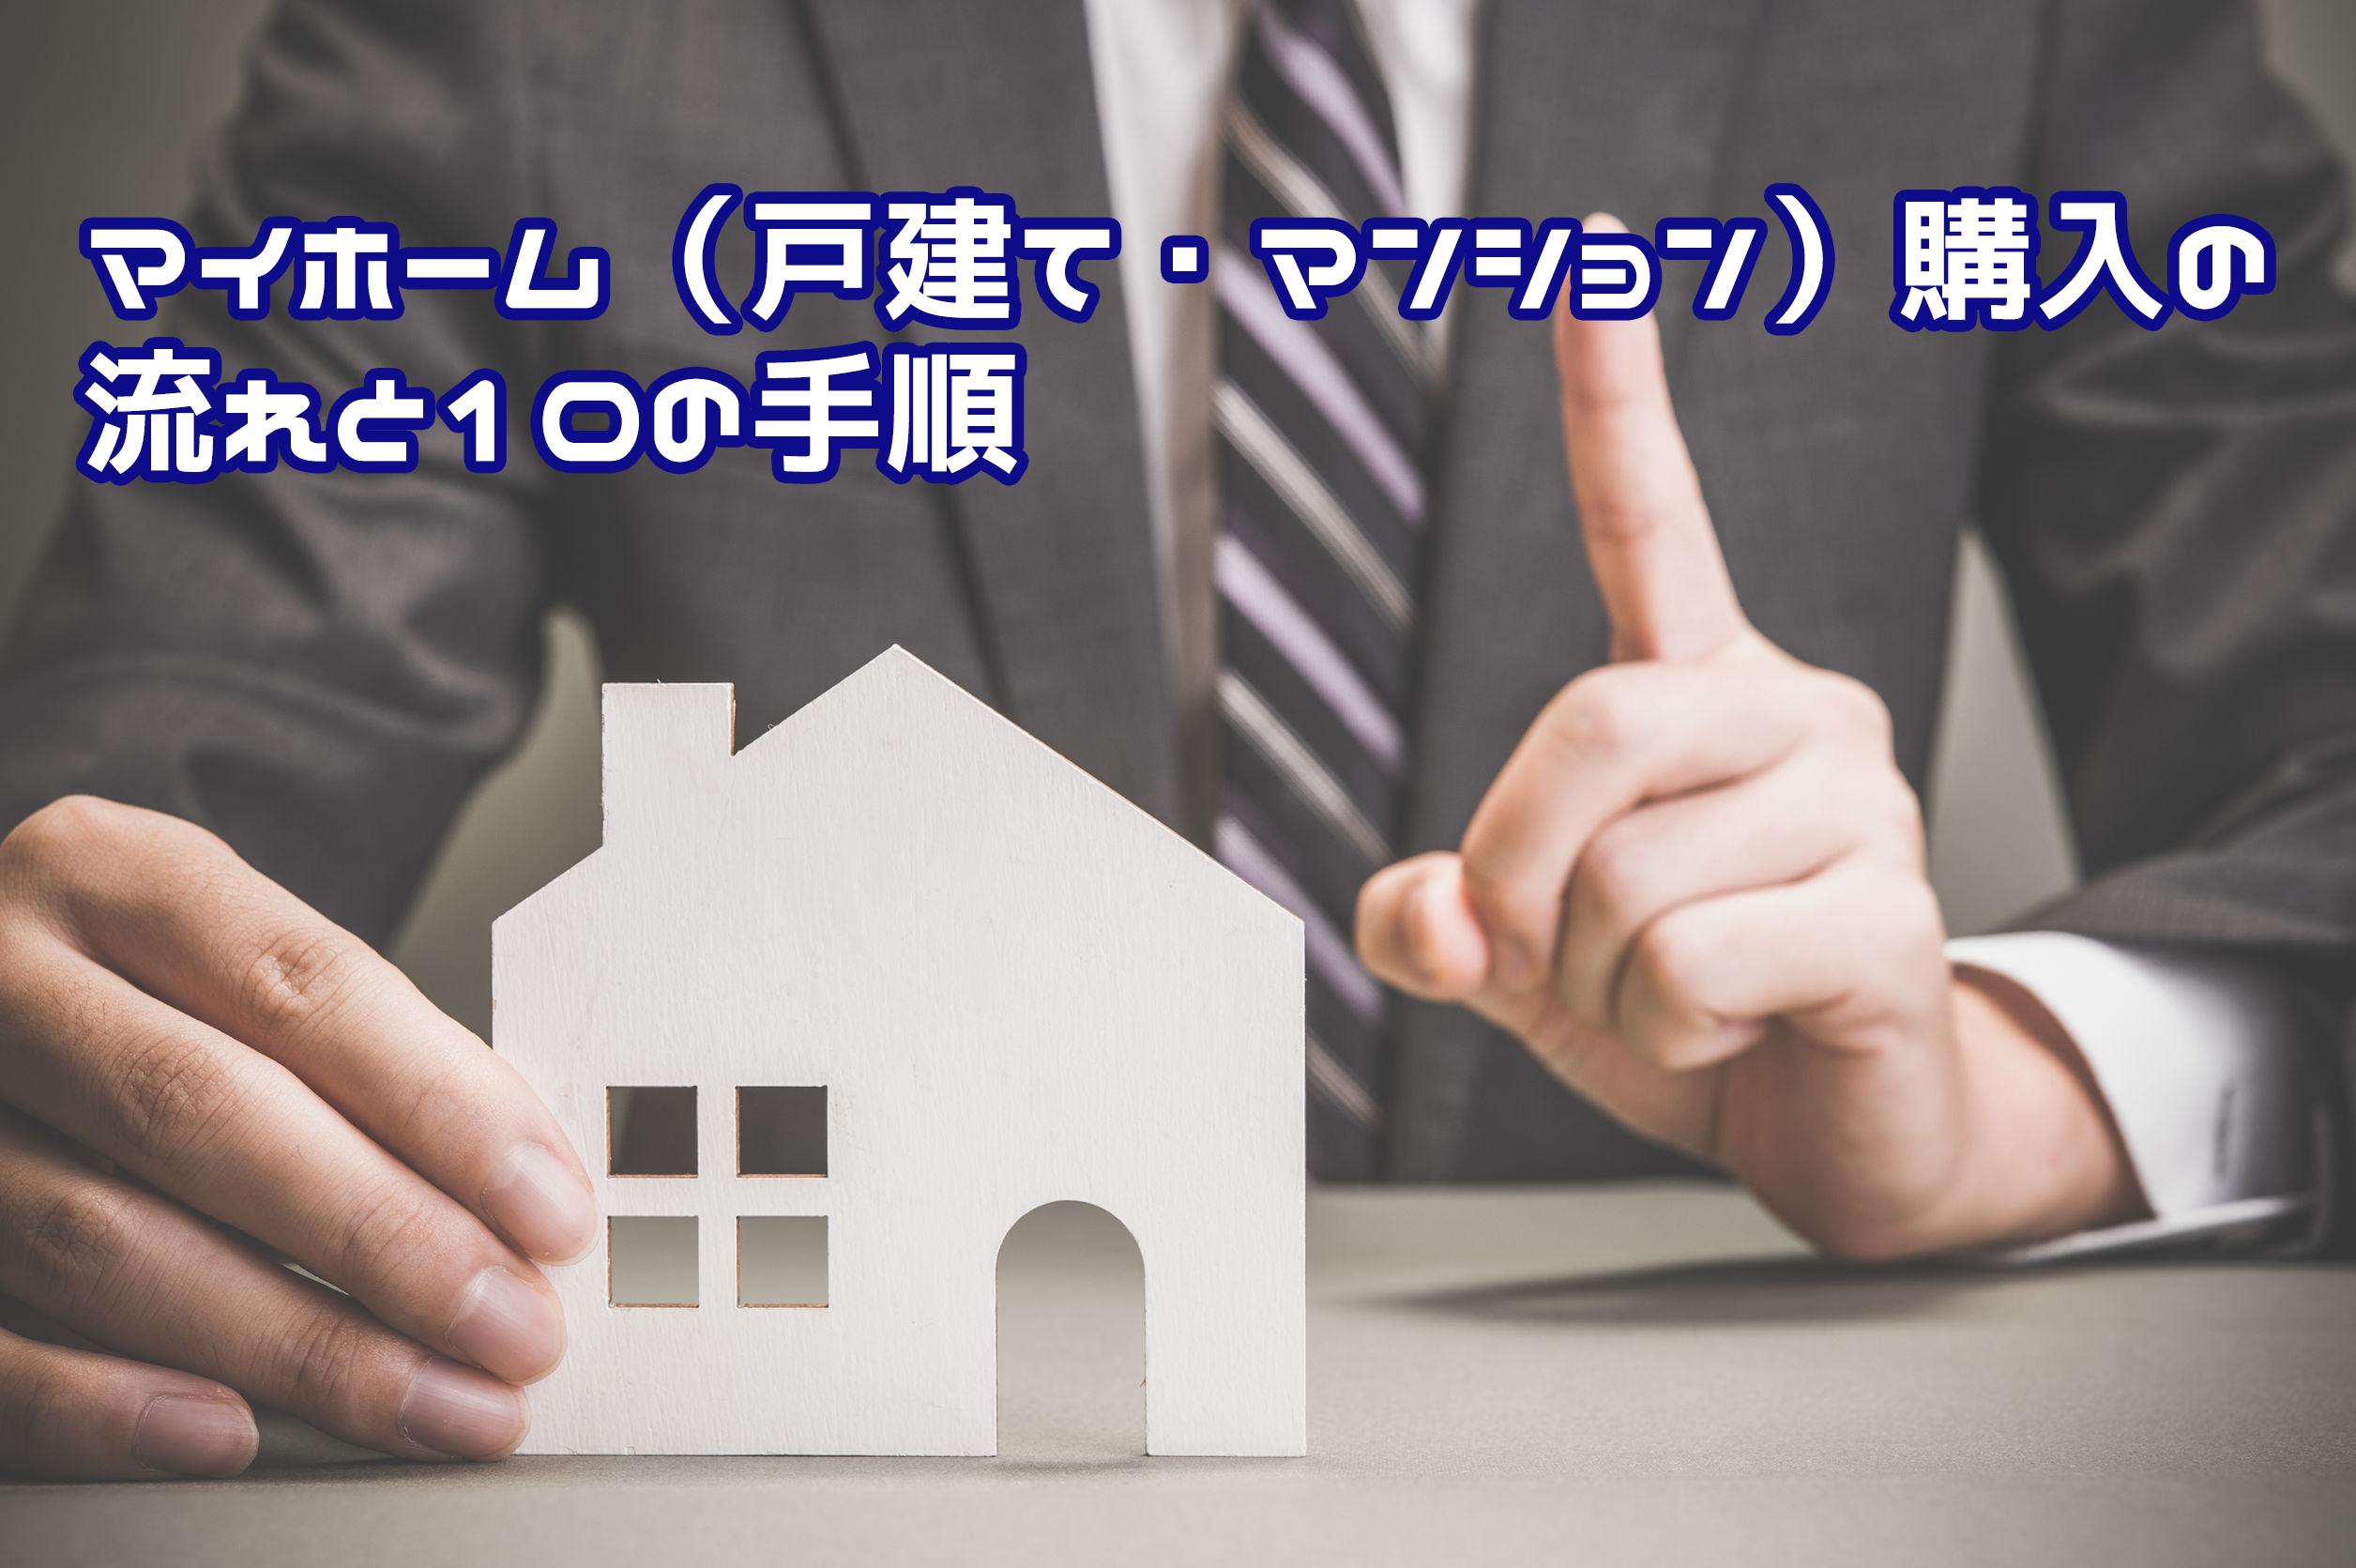 マイホーム(戸建て・マンション)購入の流れと10の手順